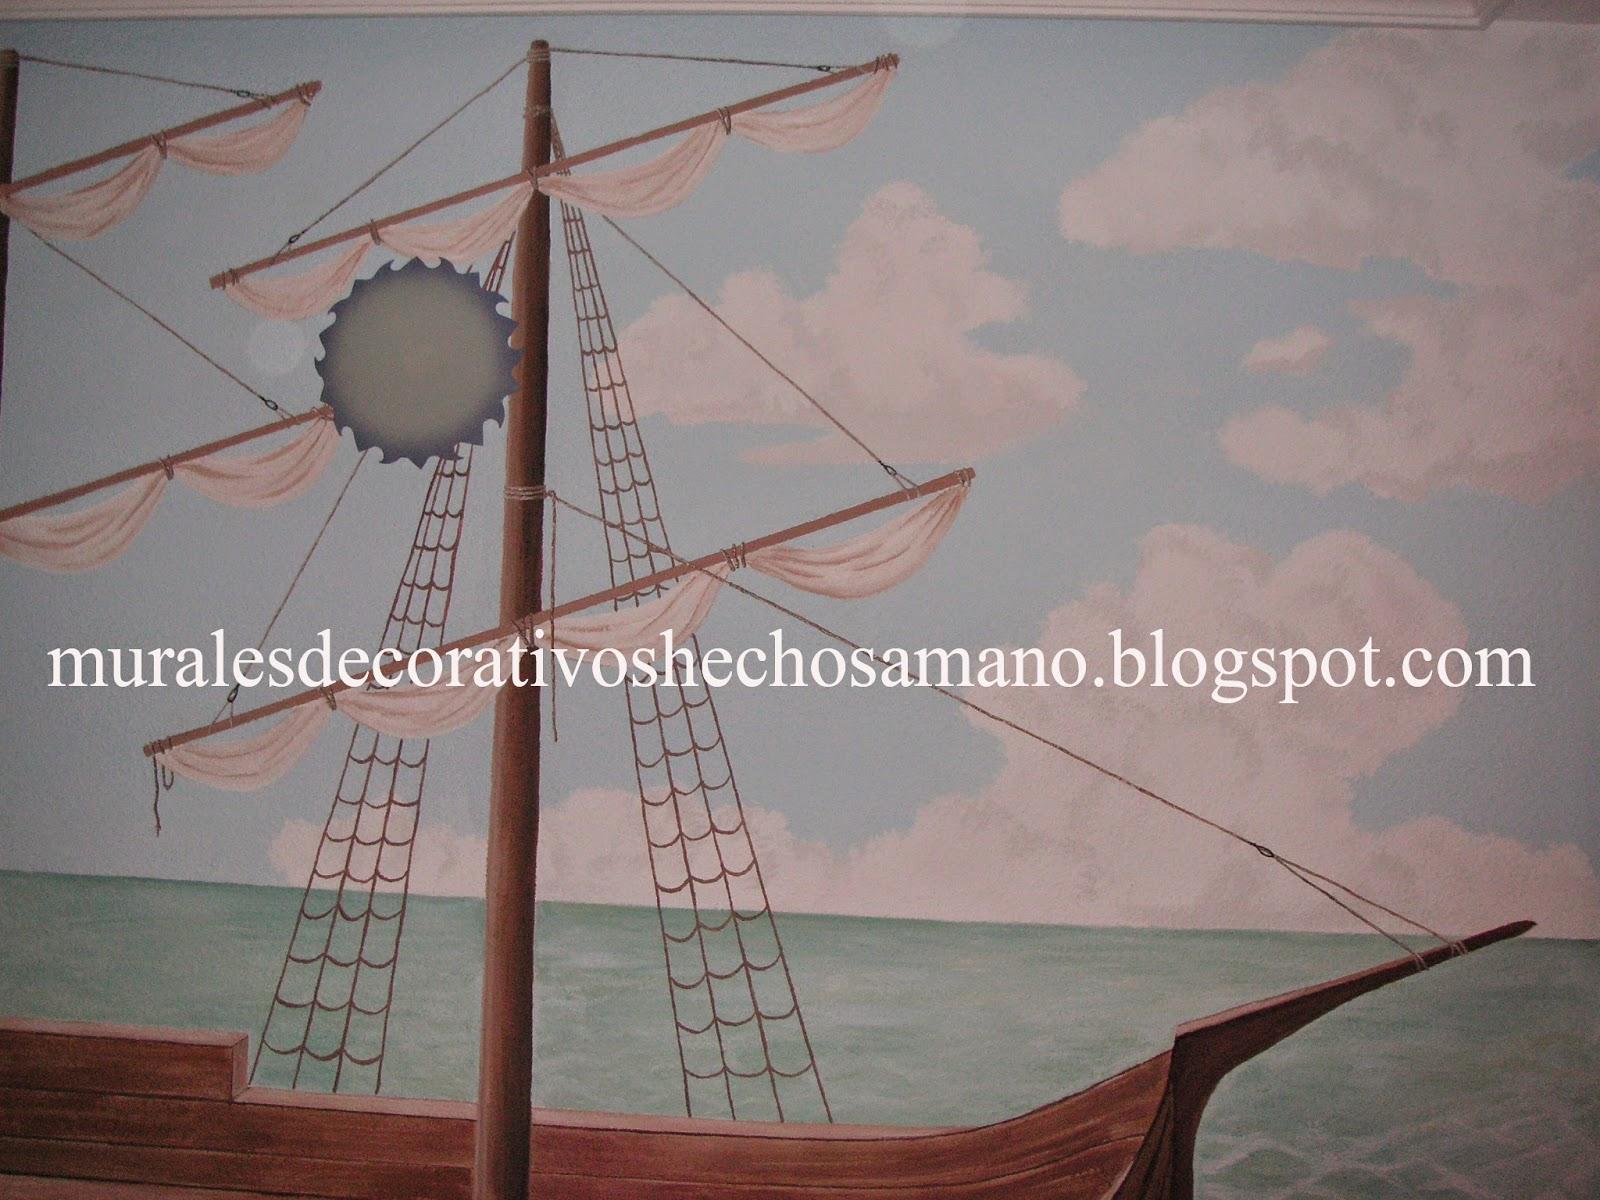 Diarios, Murales y Cuadros: Barco Pirata y Fondo Marino en ...